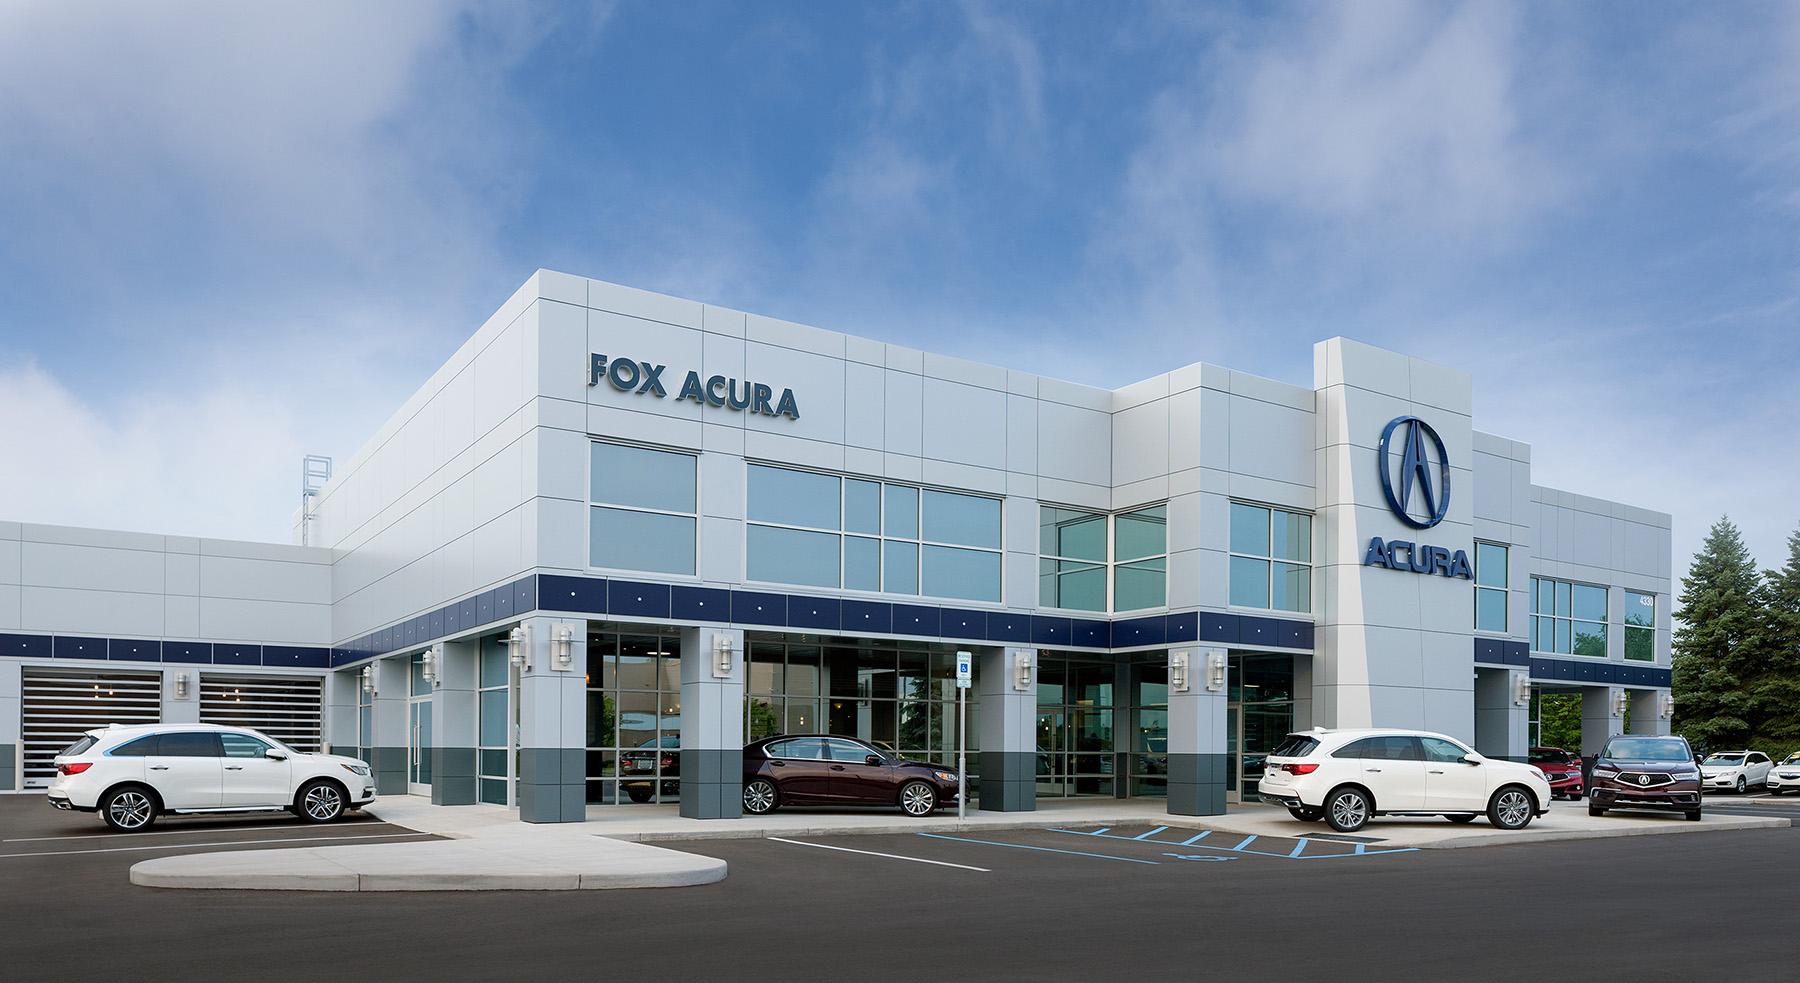 Fox Acura